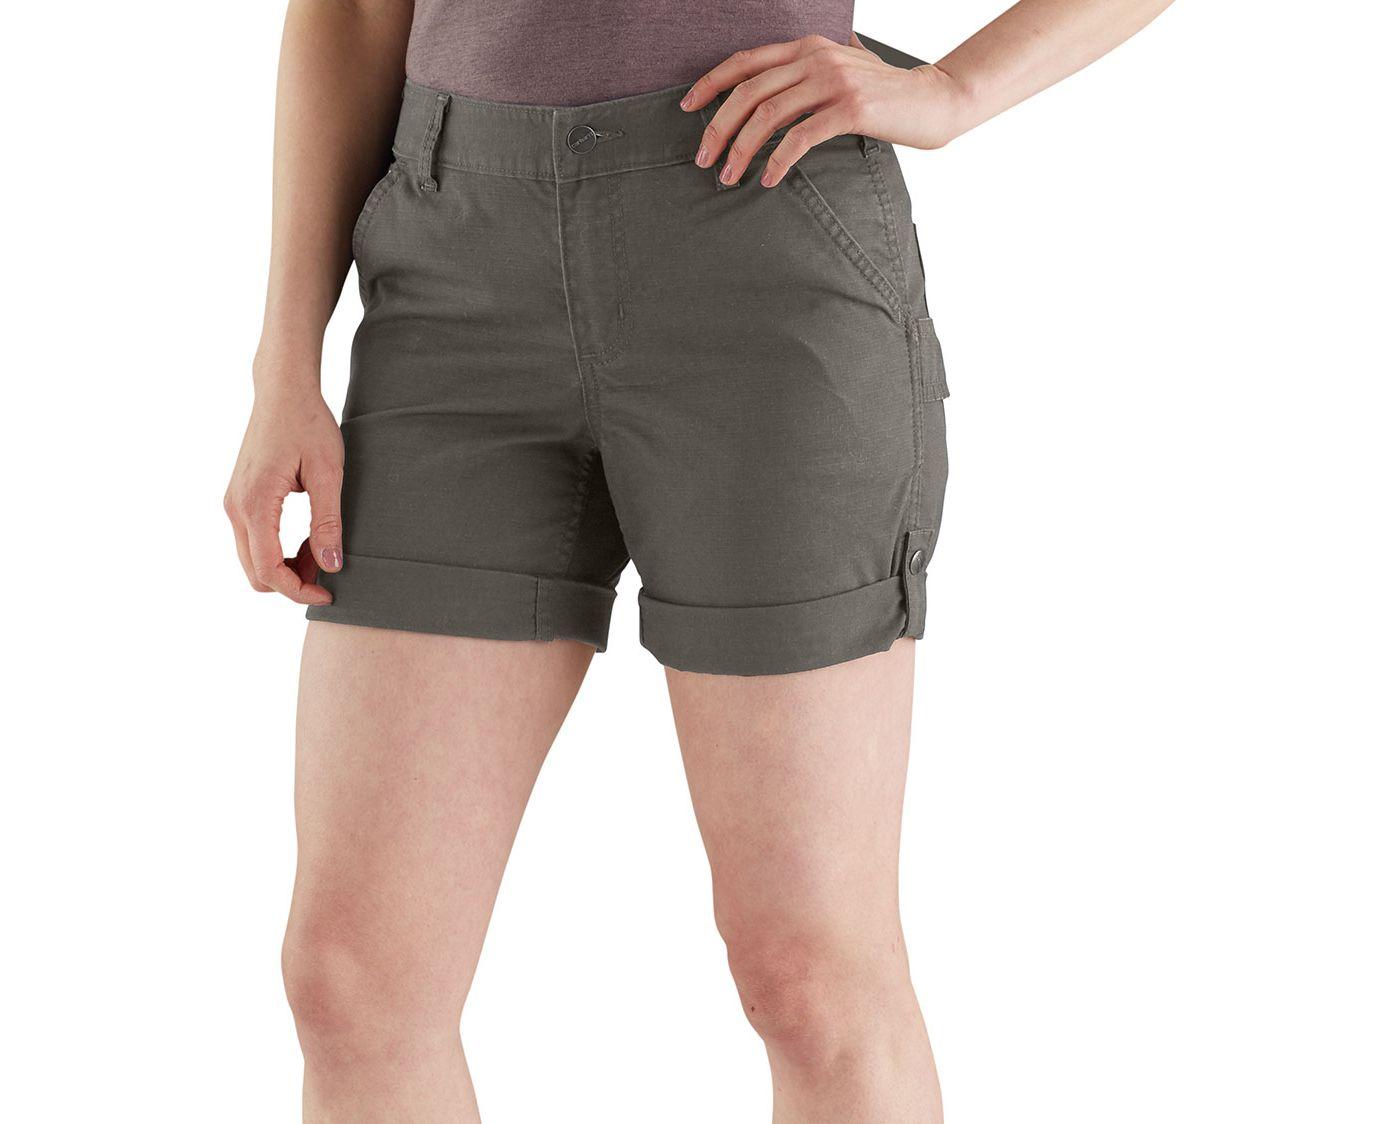 Carhartt Women's Original Fit Smithville Shorts